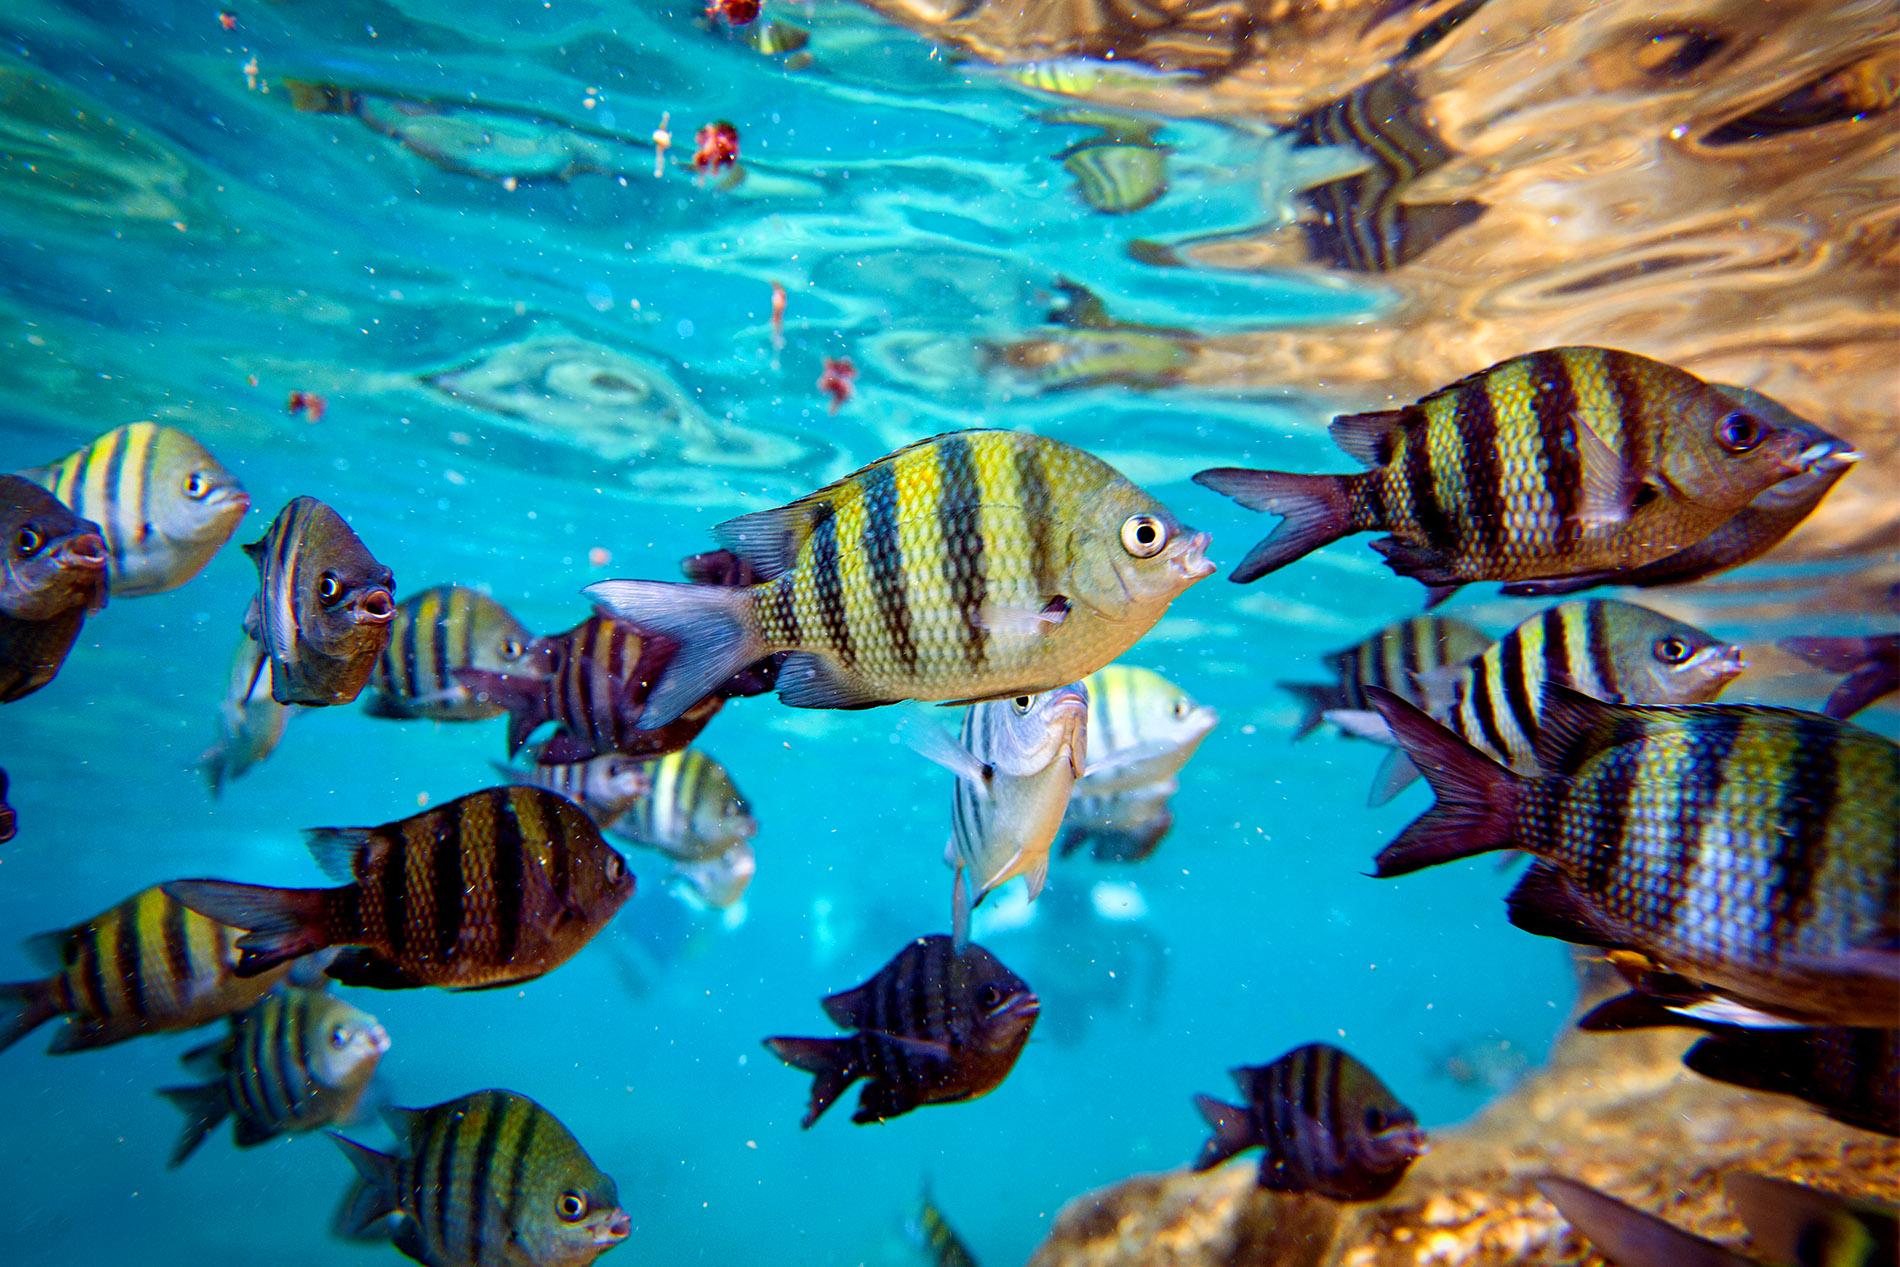 Att snorkla eller dyka och få möjlighet att fotografera under vatten är en upplevelse. Det är en helt ny värld som öppnar sig och fiskarna är viss mån fortfarande försiktiga men det är betydligt lättara att komma nära speciellt om man dyker med tuber.  Foto Mikael Wallerstedt